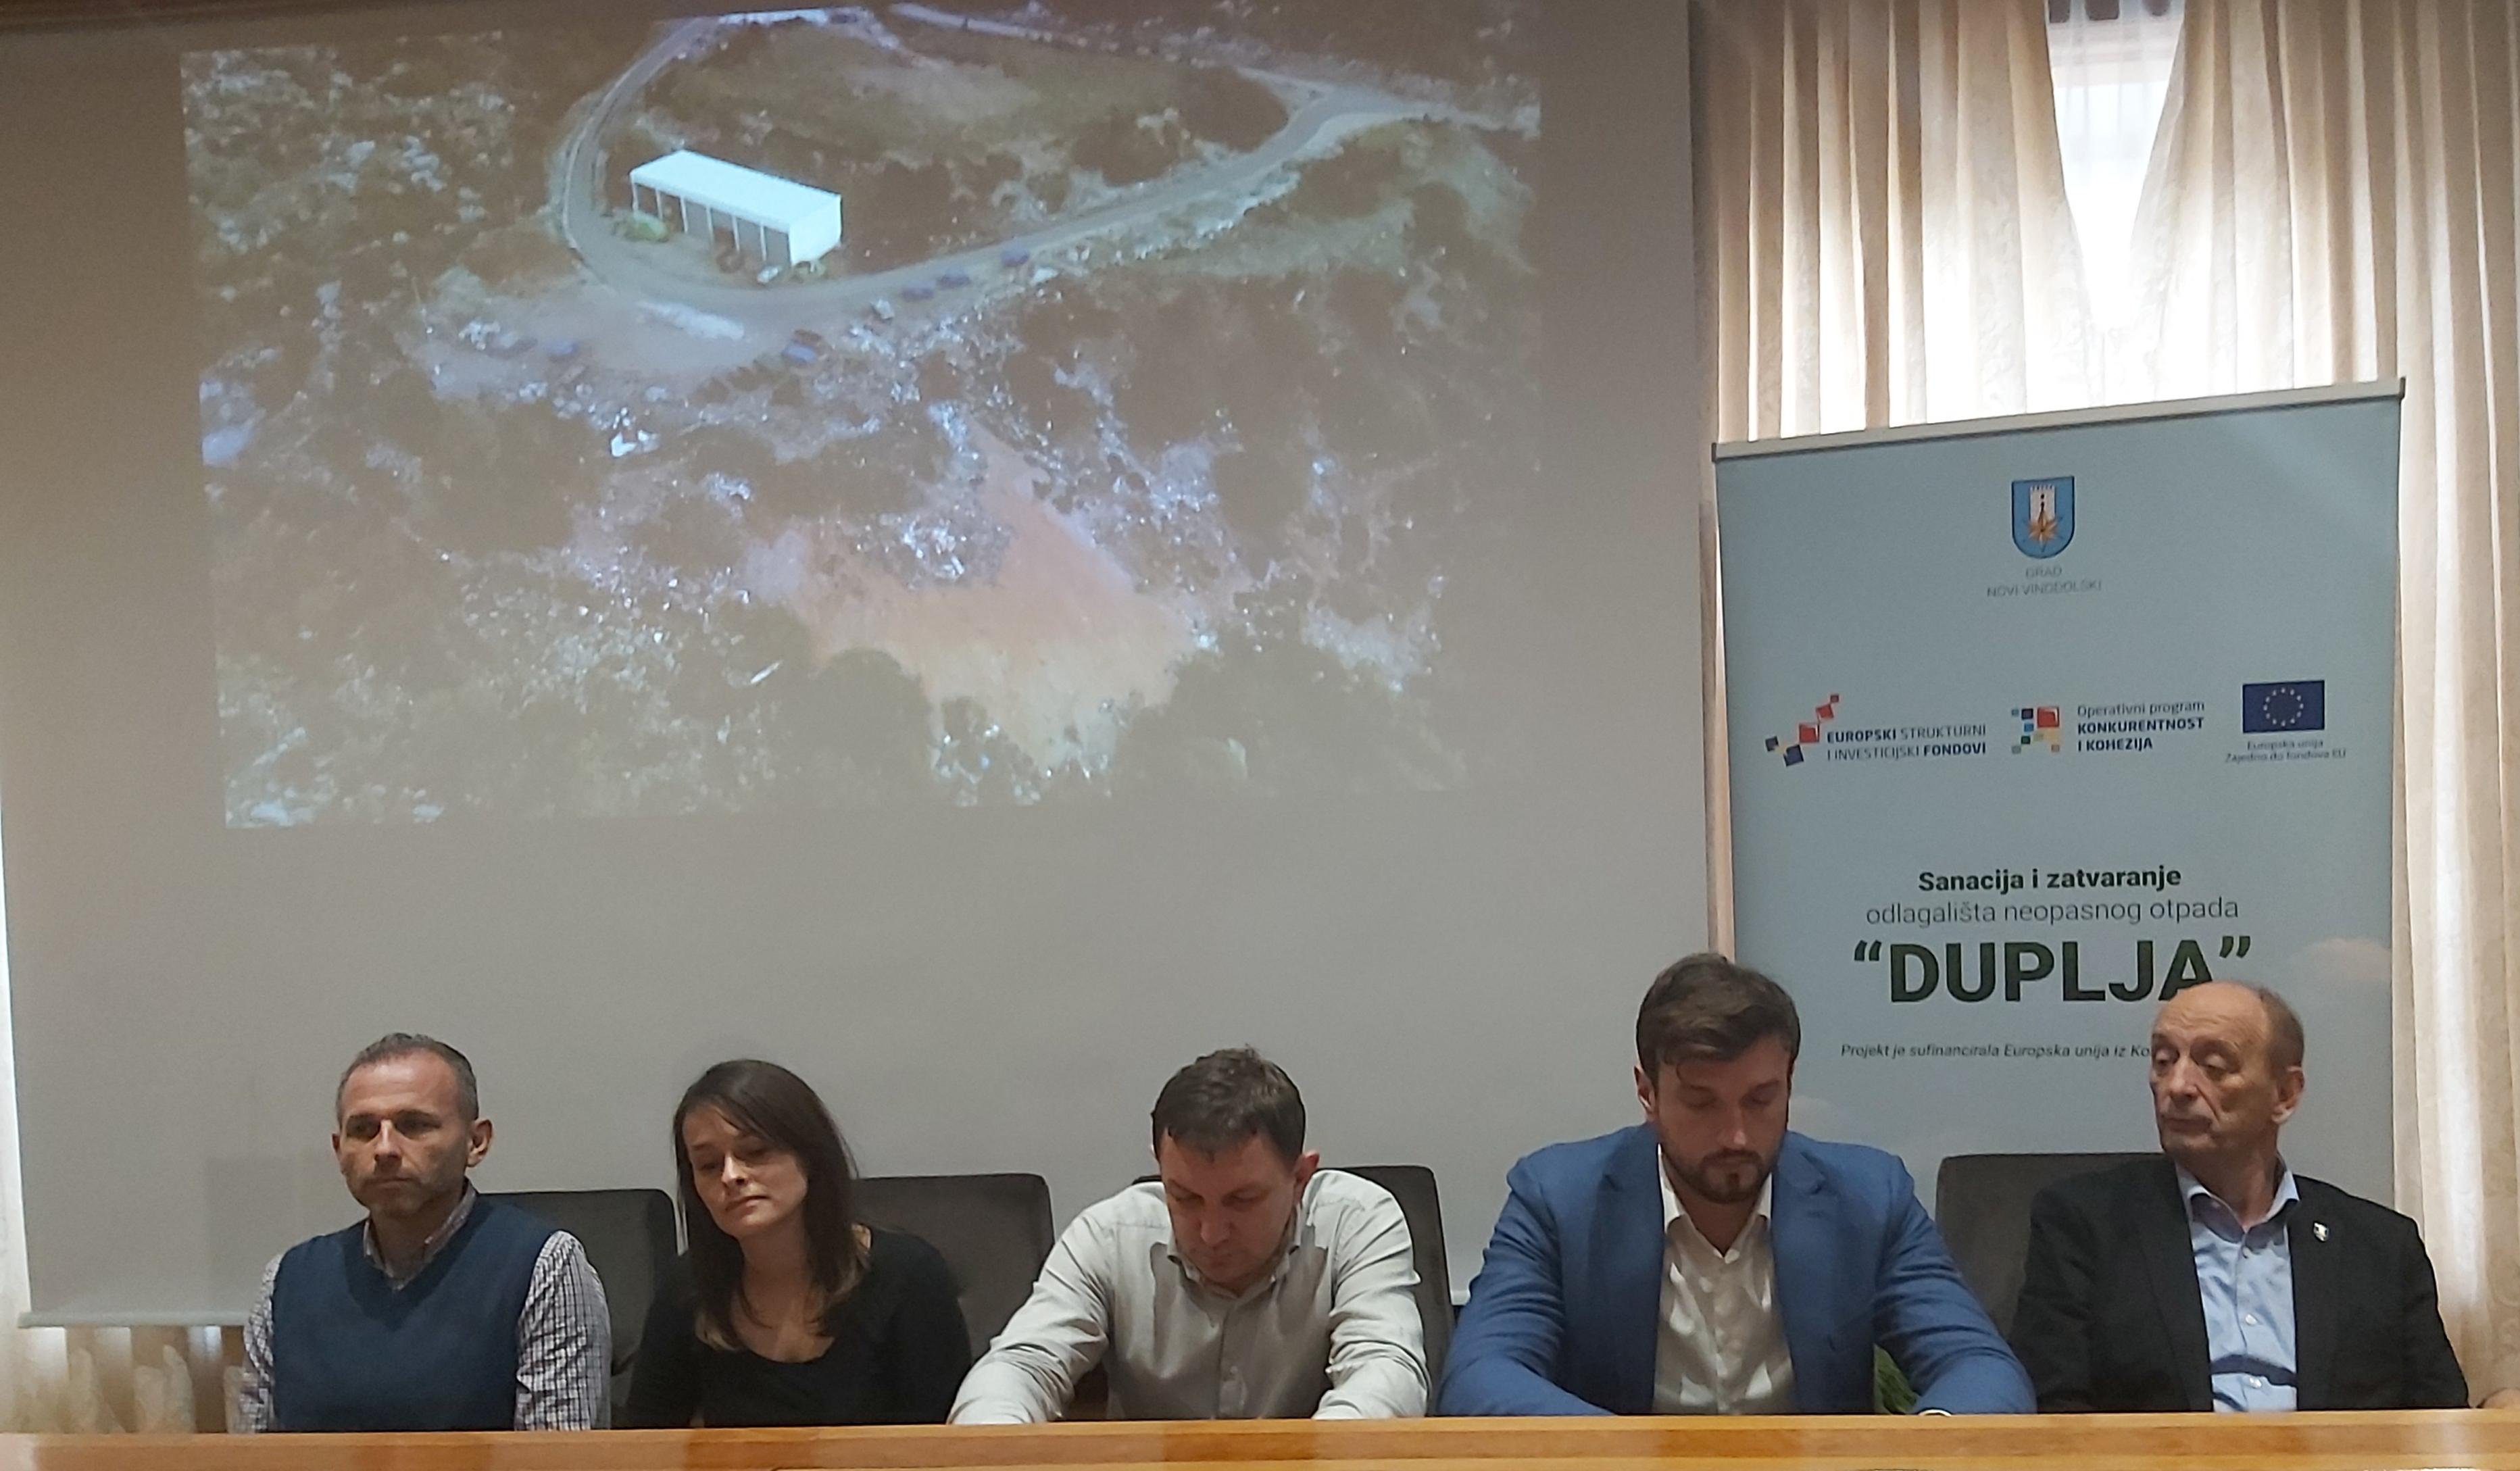 Jučerašnja konferencija za novinare na kojoj je predstavljen projekt sanacije Duplje  / Foto  B. SAVIĆ